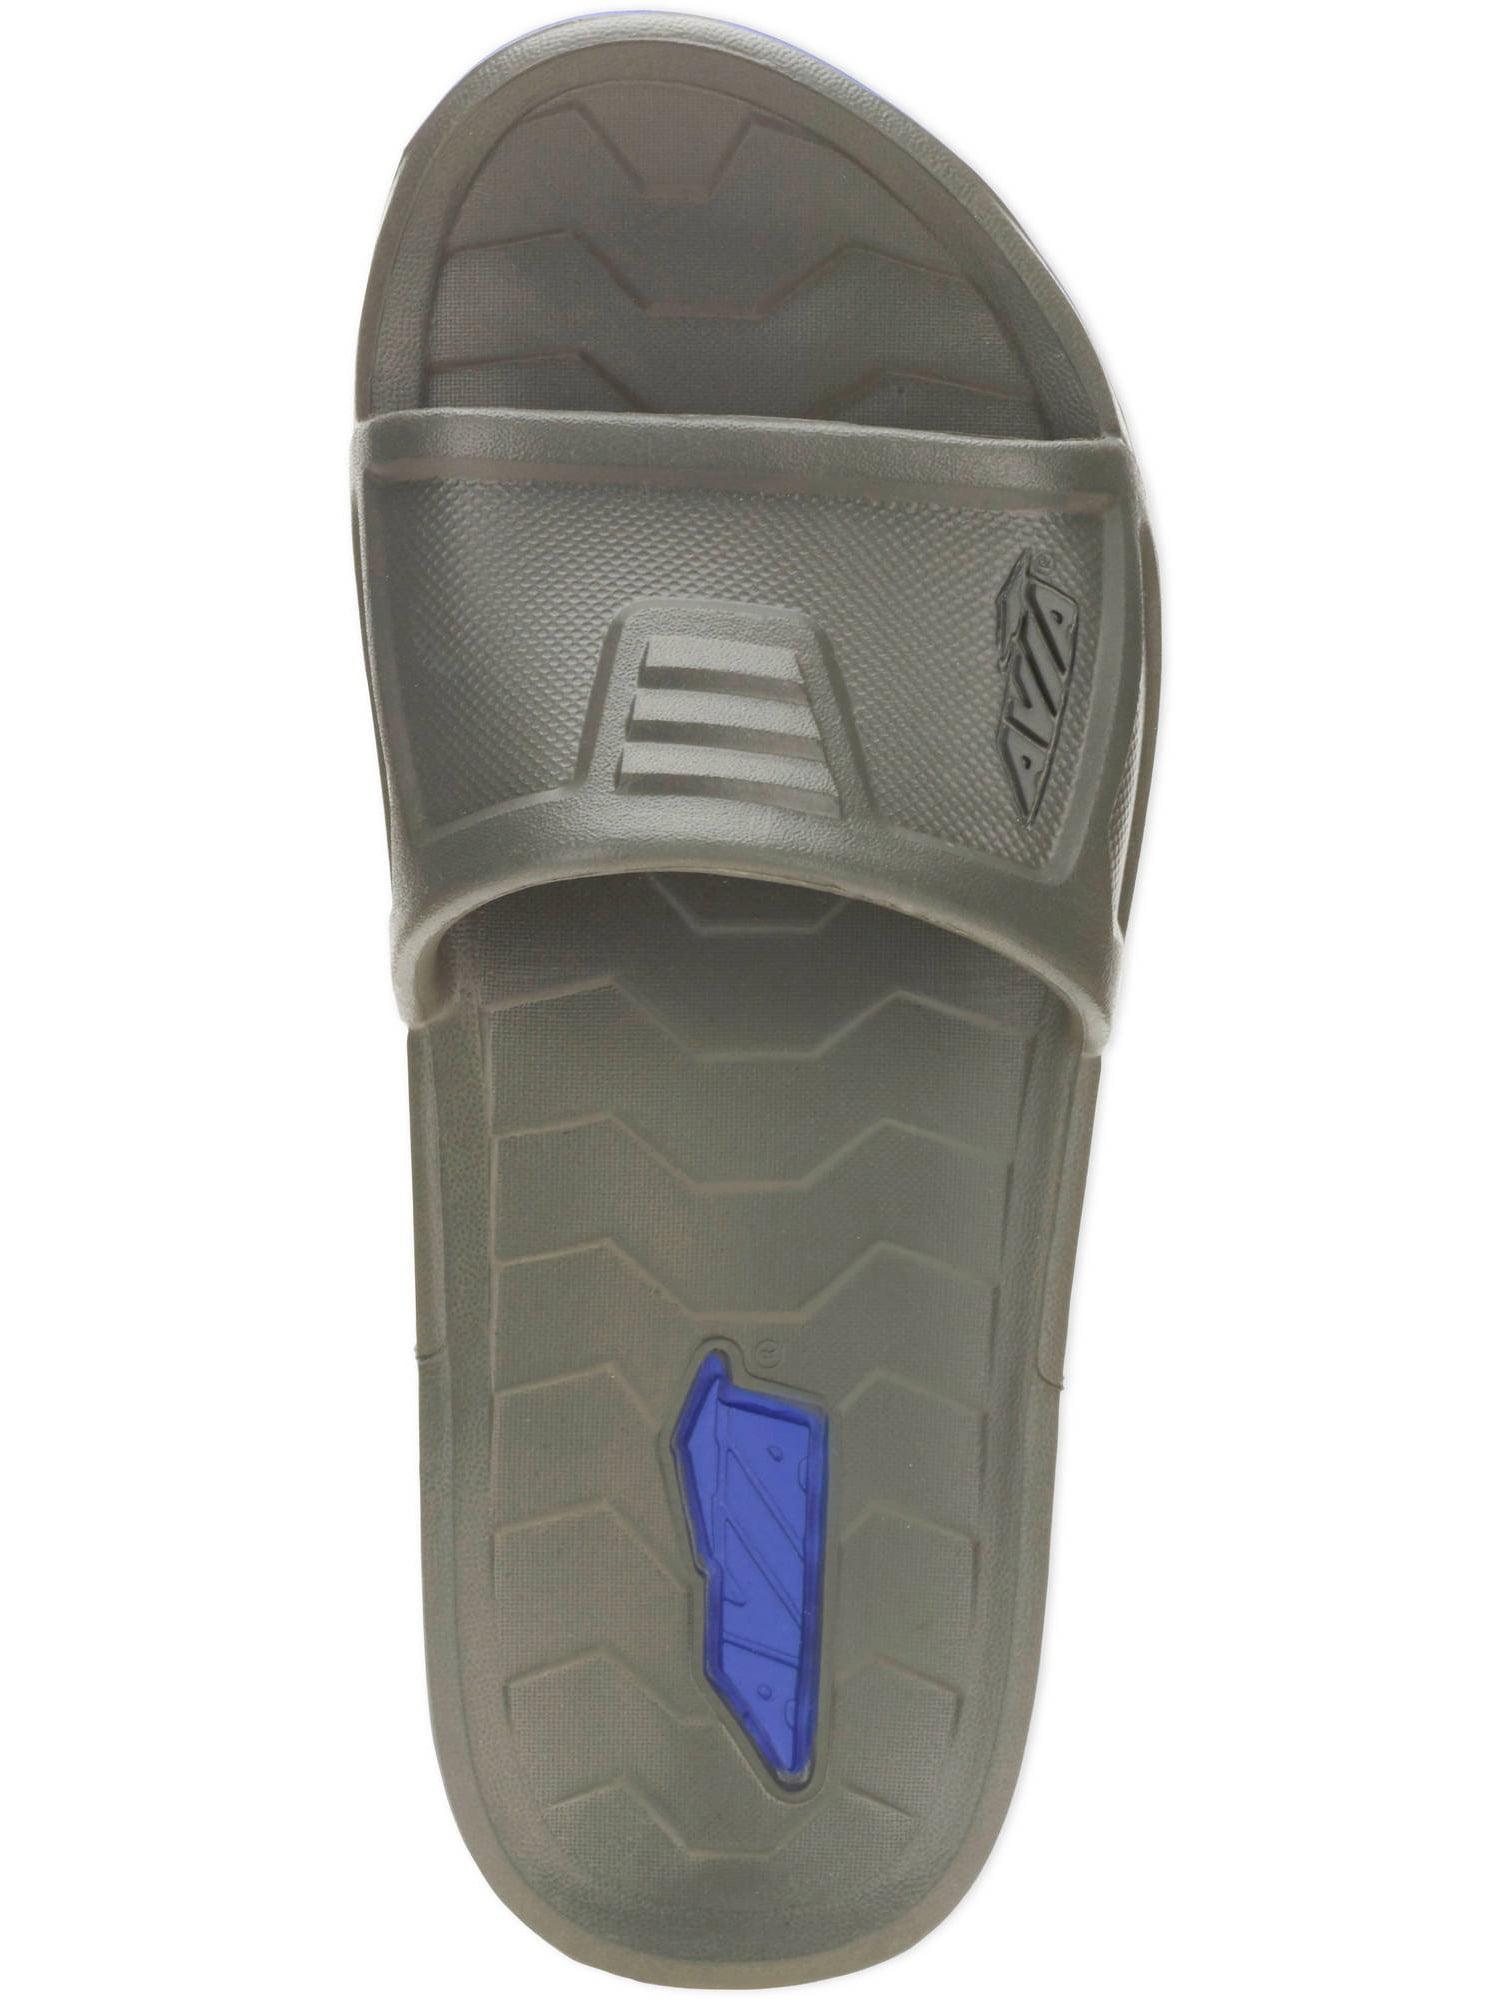 Avia Men's Brace Molded Slide Sandal